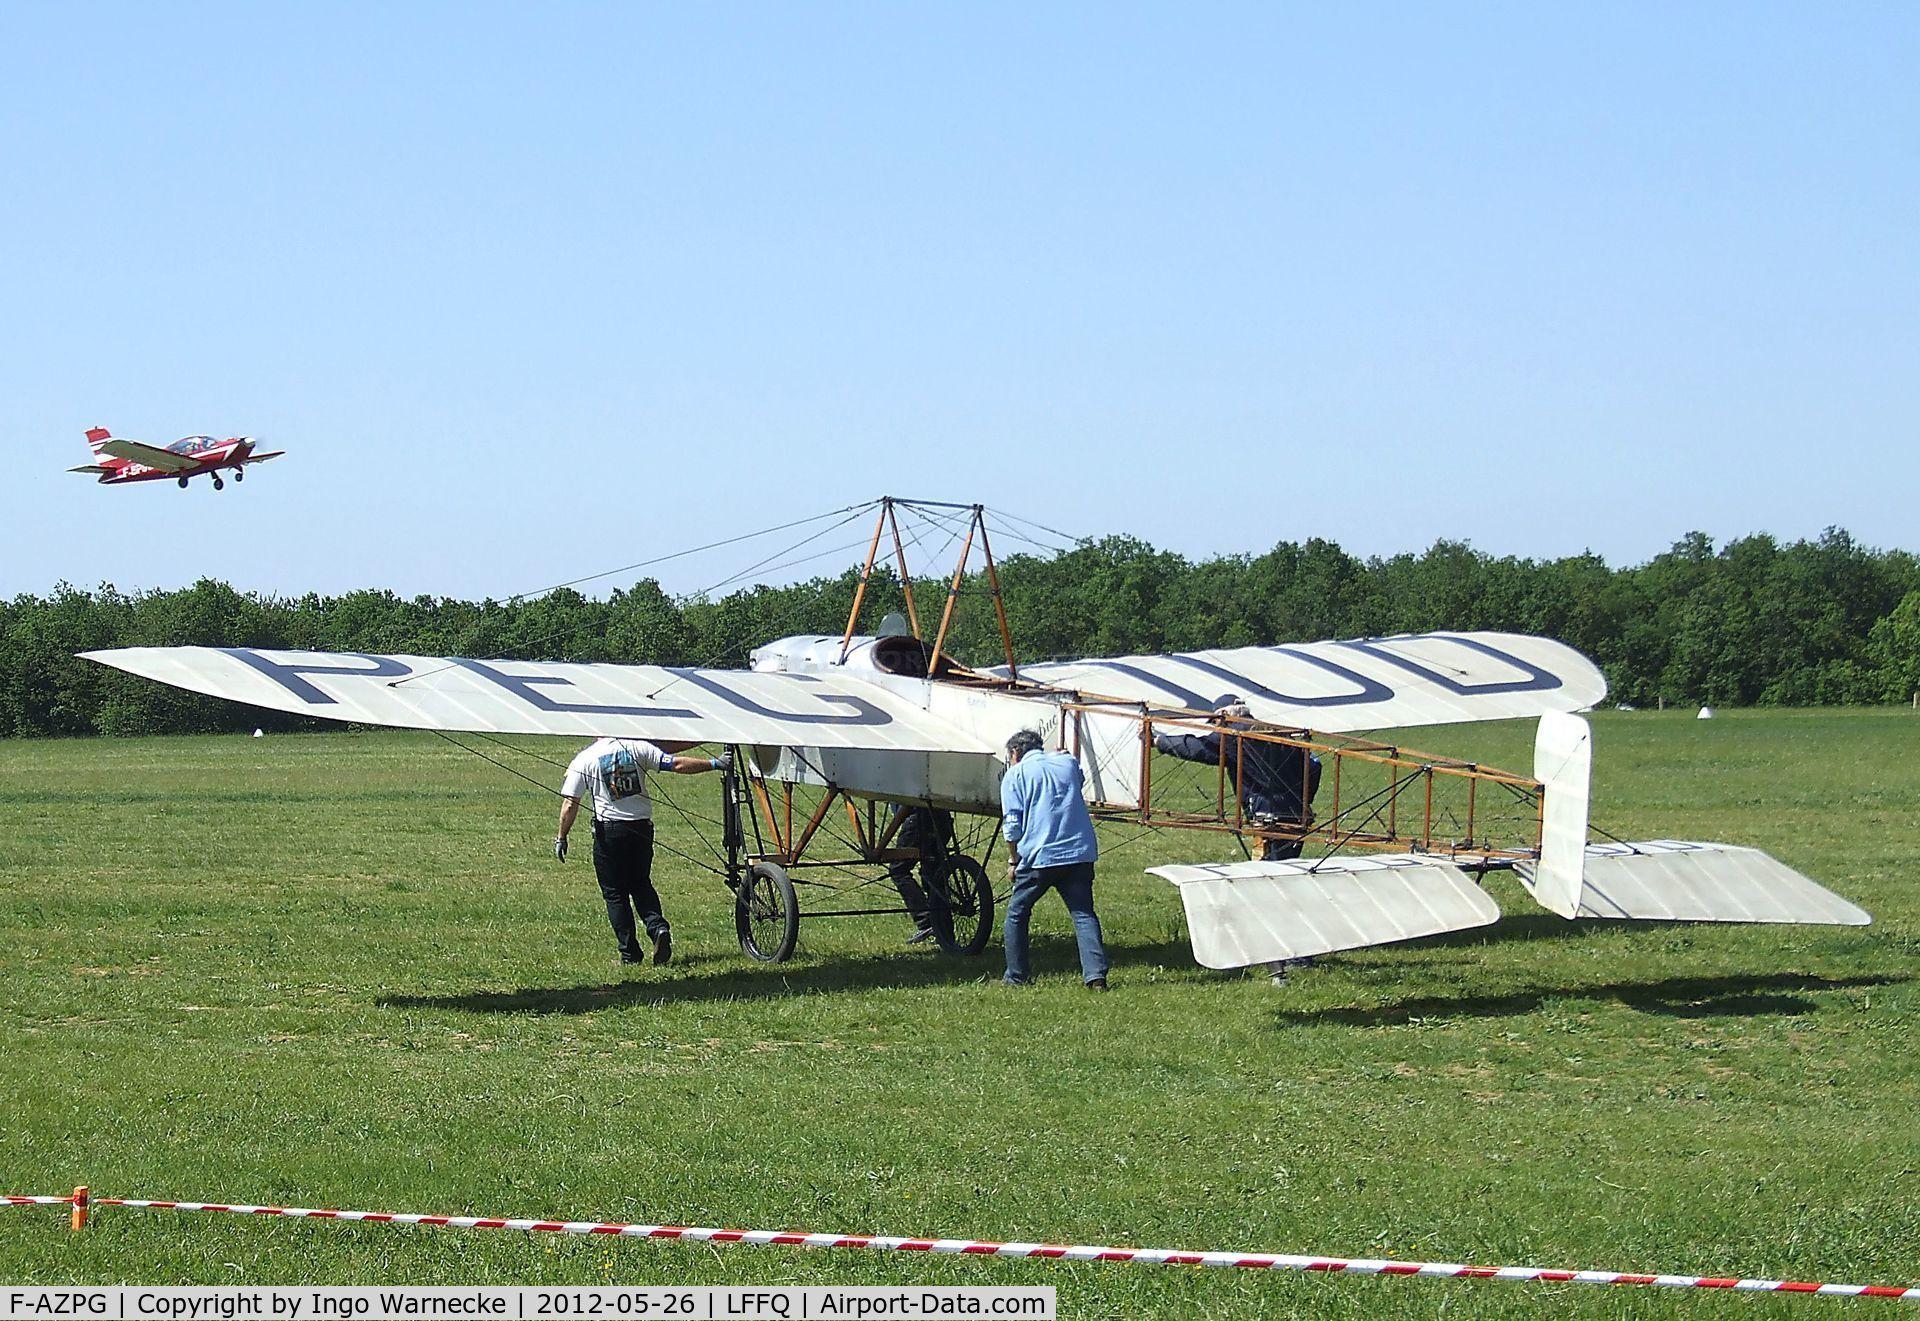 F-AZPG, Bleriot XI-2 Replica C/N SA-29, Bleriot XI-2 Replica at the Meeting Aerien 2012, La-Ferte-Alais